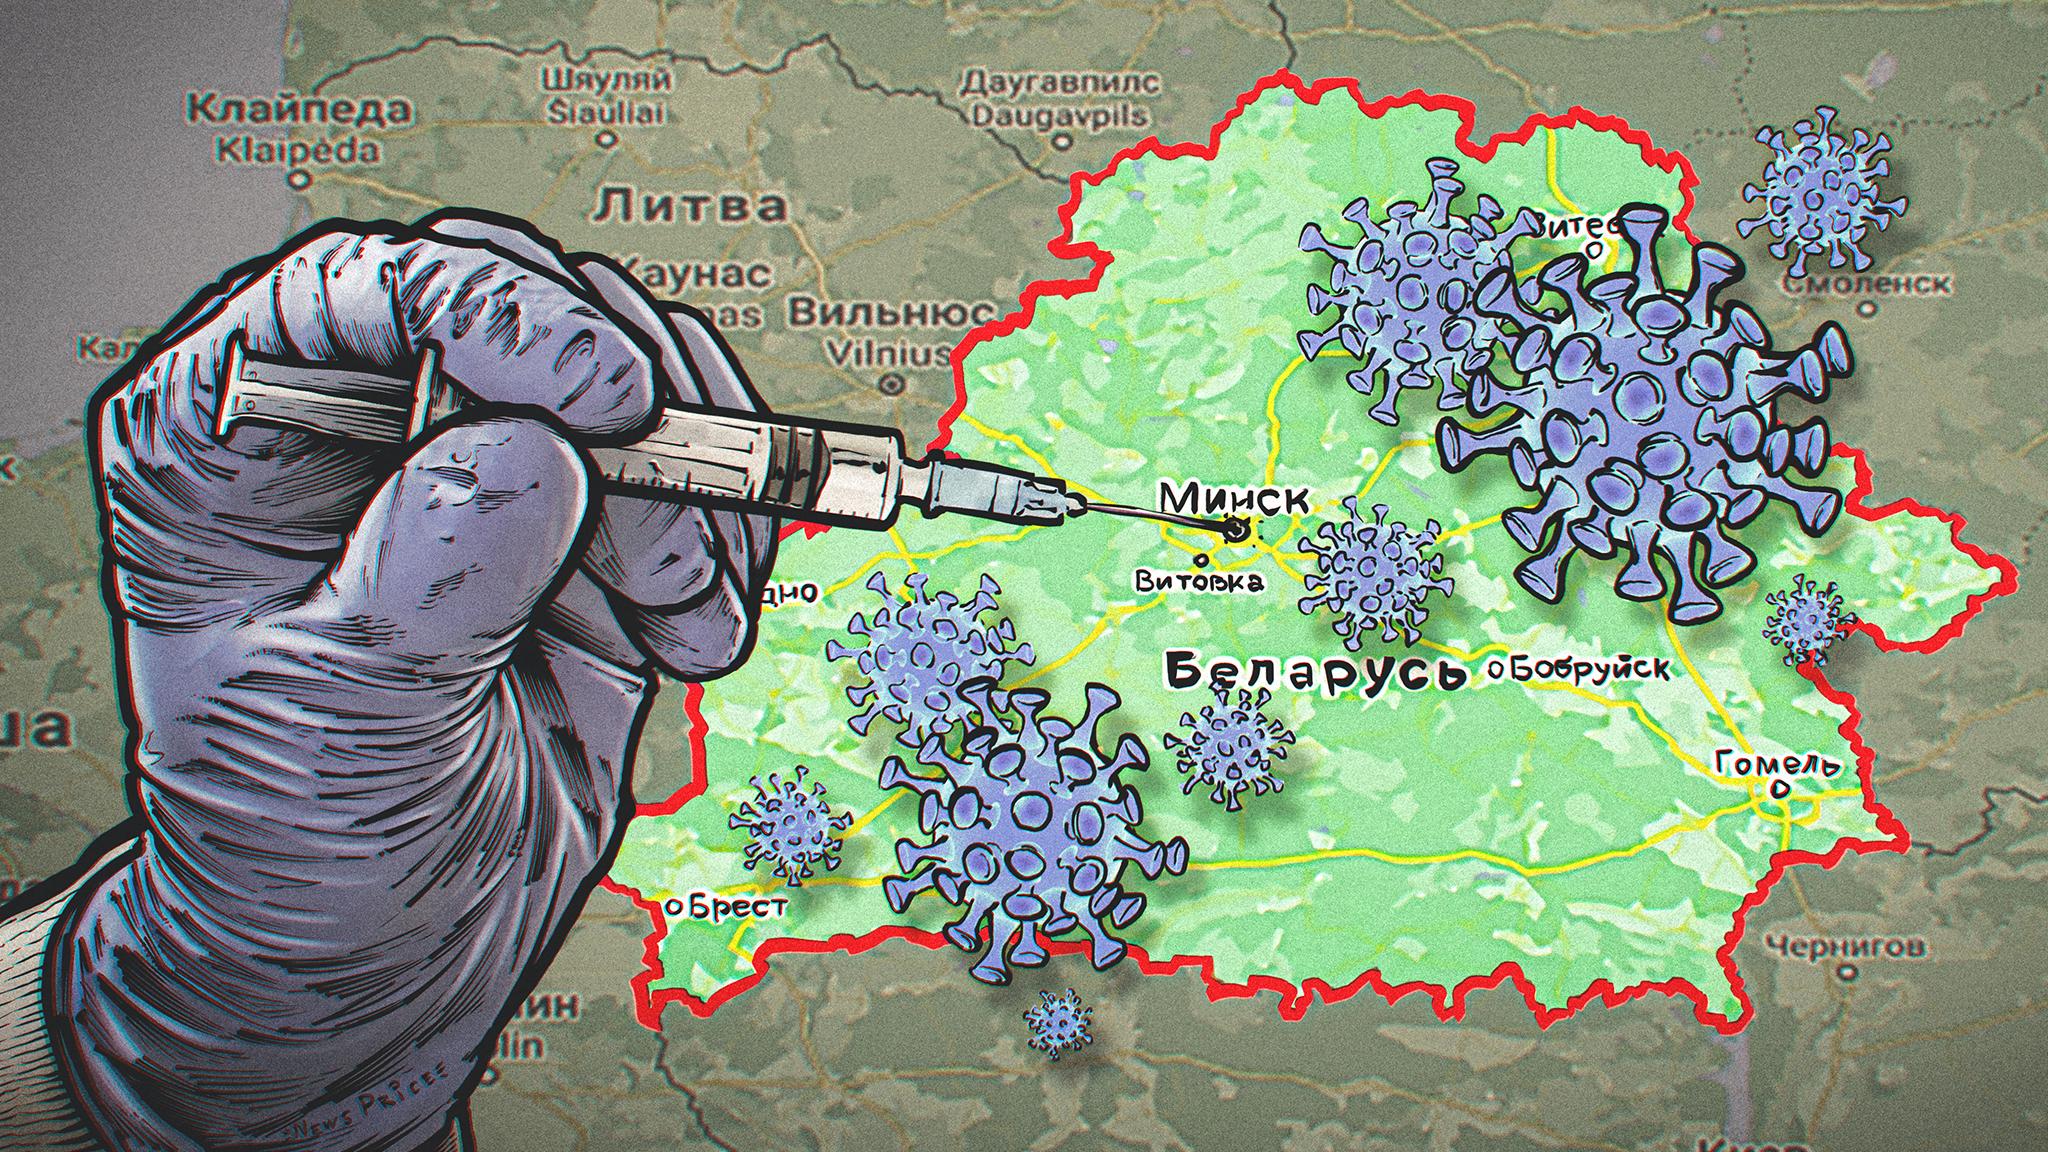 Добровольно, но очень медленно. Что происходит с вакцинацией от коронавируса в Беларуси